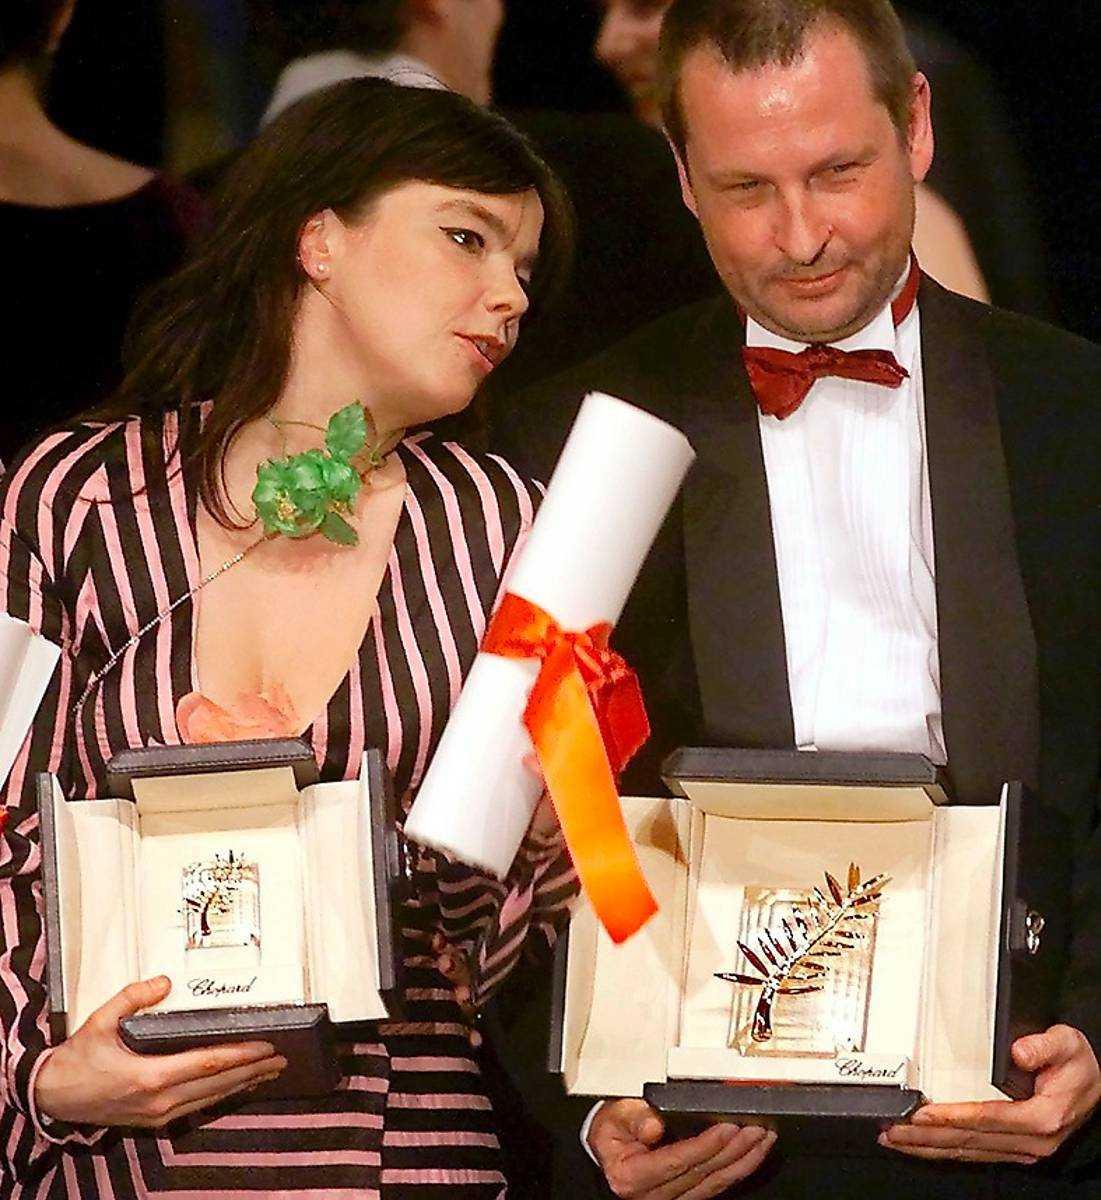 Får guldpalmen med Björk år 2000.